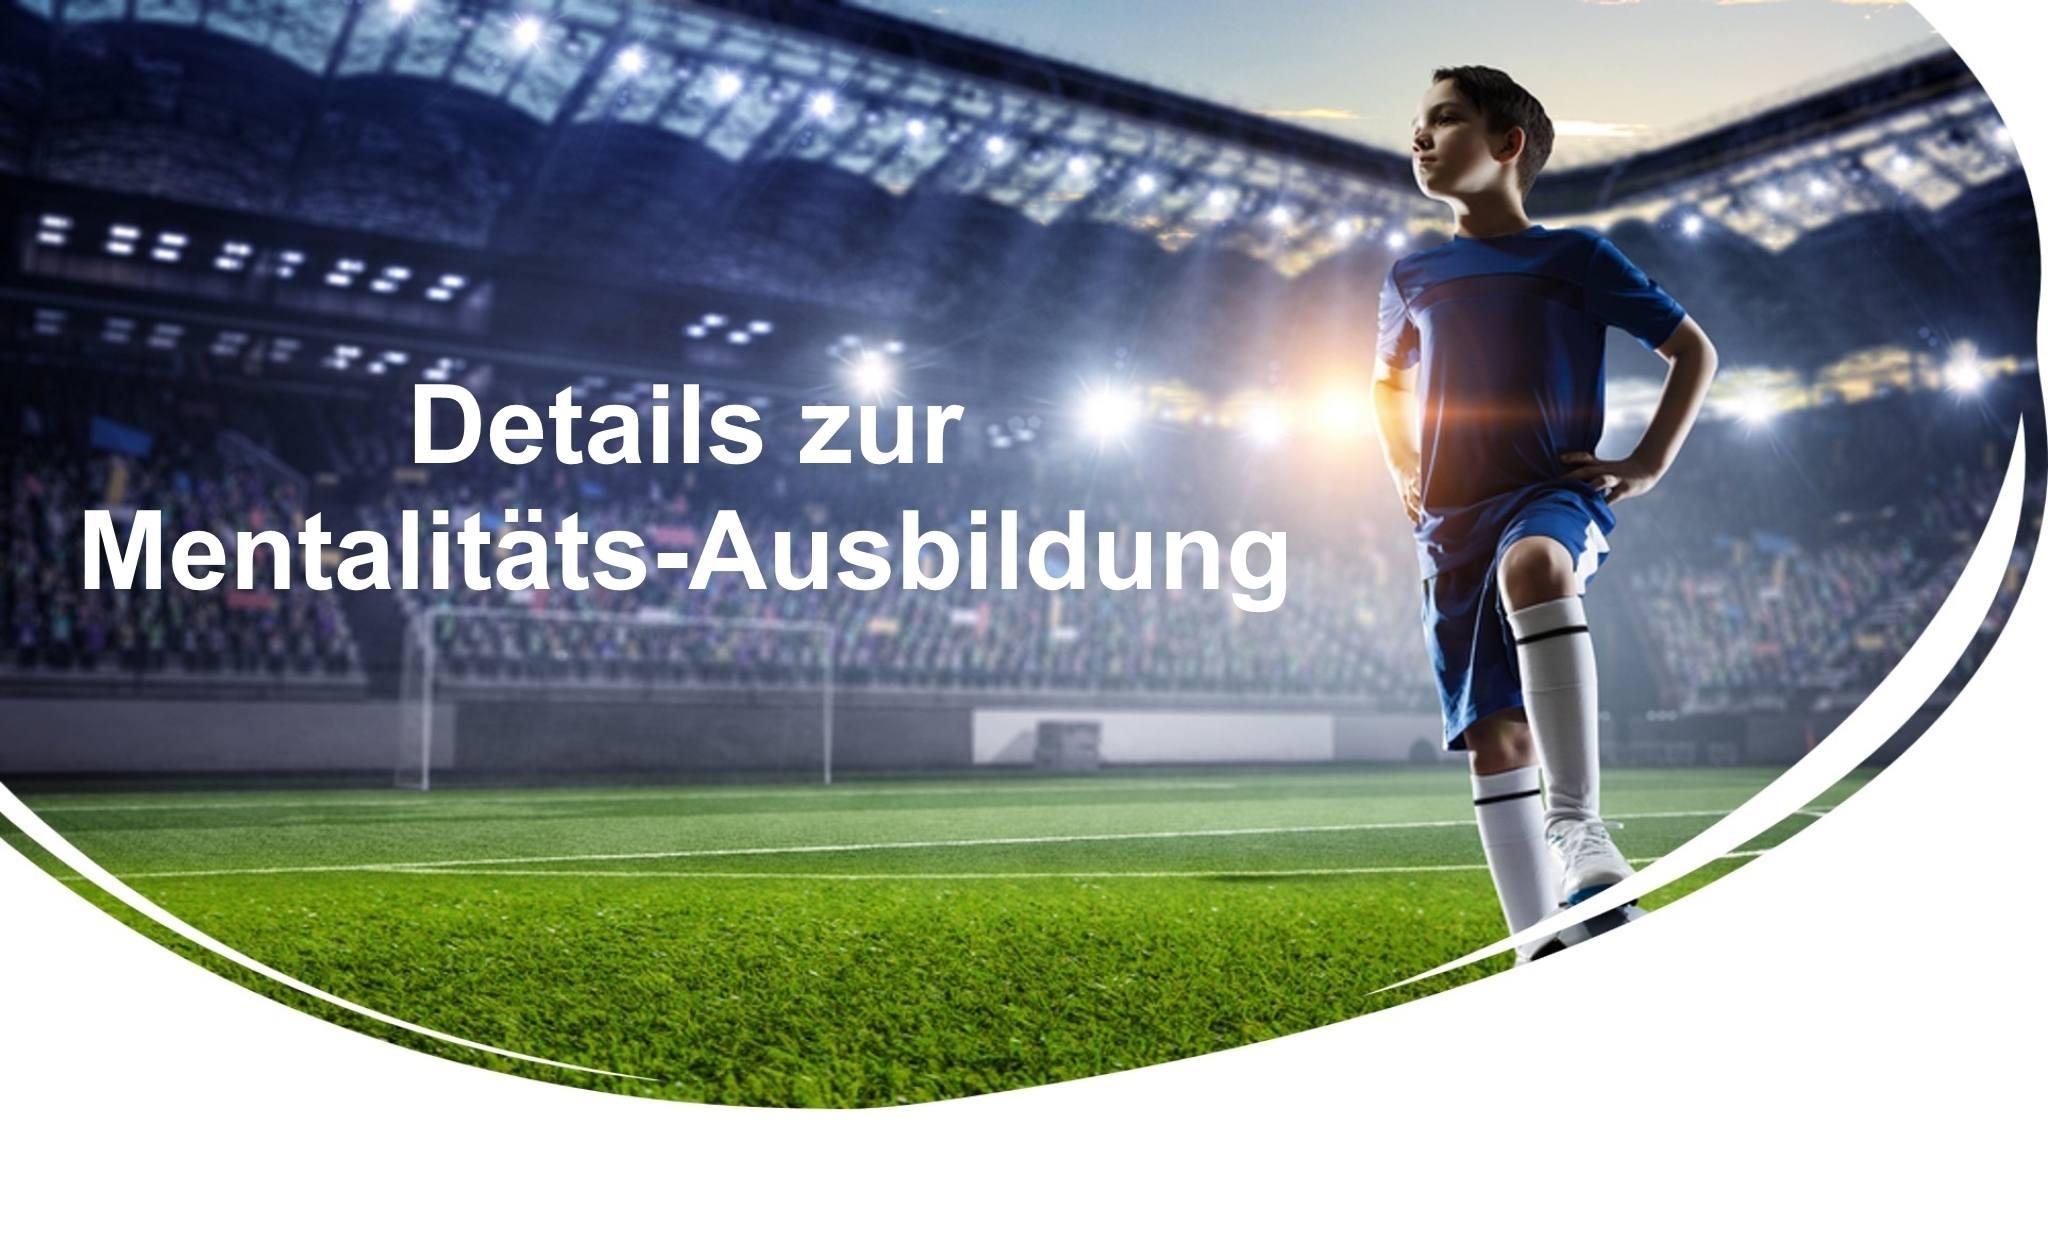 Mentalitäts-Ausbildung, mentales Training Fussball, mental Training, Mental-Training, Mentaltraining, Mentalität, Mentalität im Fussball, Mentalitäts-Ausbildung